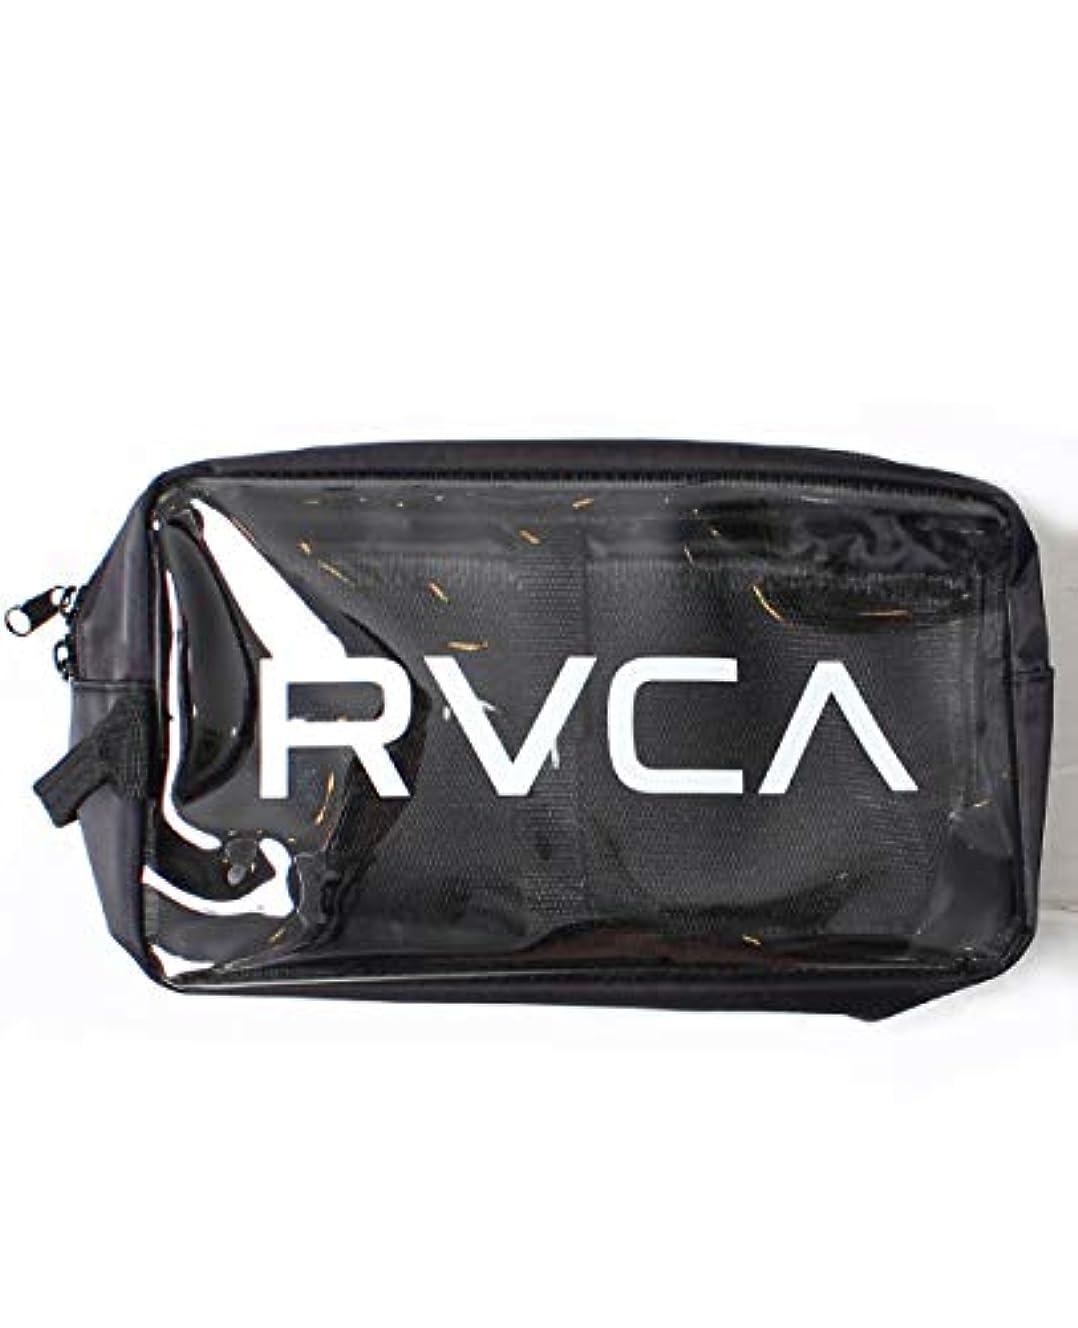 魔術師キャンペーン頼るRVCA ルーカ クリアポーチ バッグインバッグ フェス メンズ レディース かばん 化粧ポーチ ストリート AJ041-M91